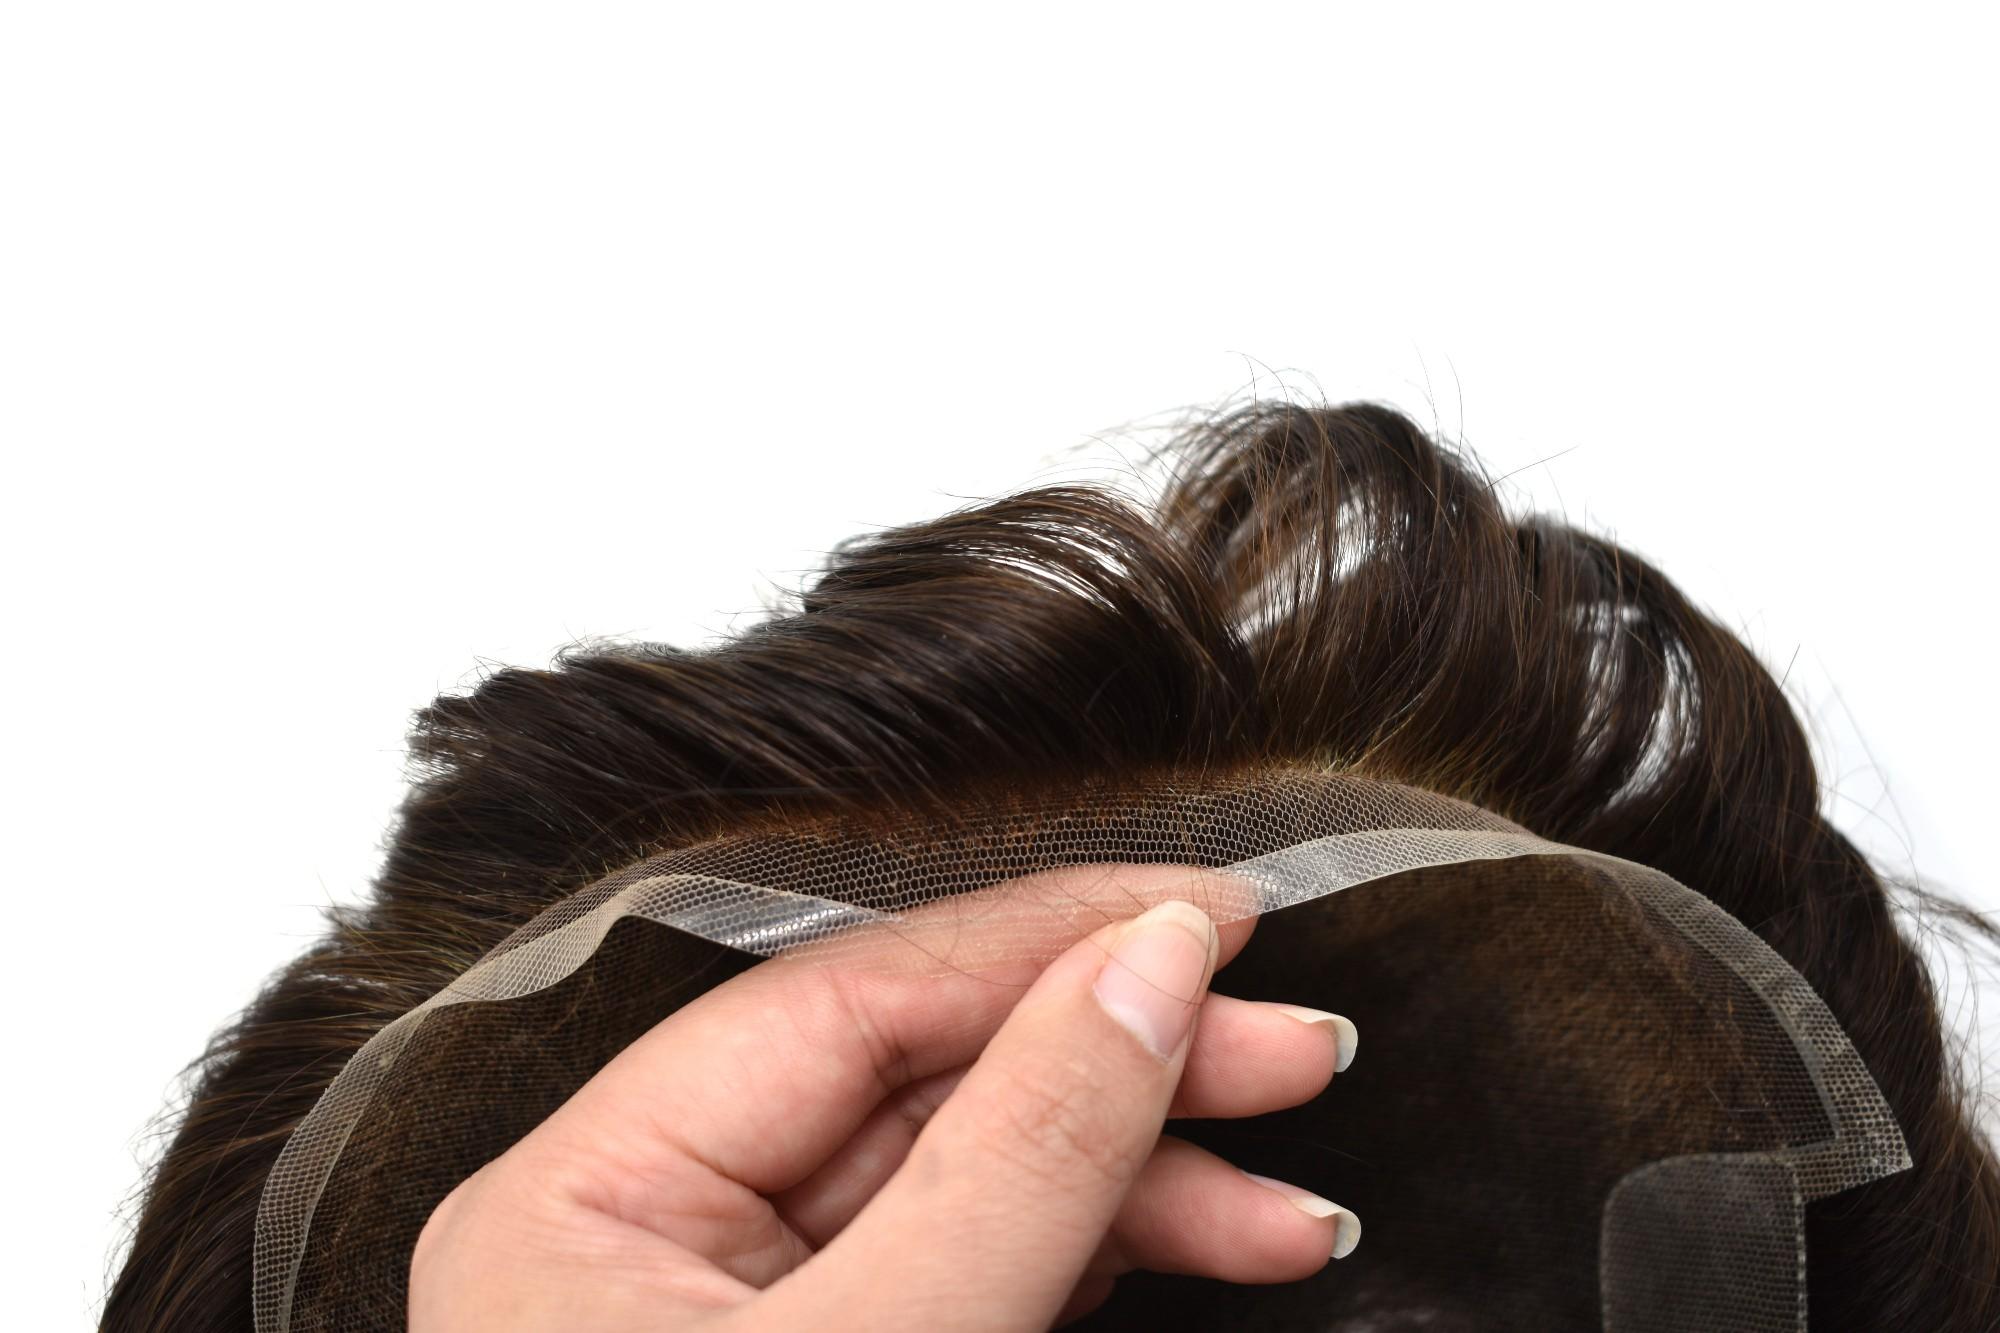 Comprar Parte dianteira invisível do laço 1 'peruca dos homens do sistema do cabelo da parte traseira do plutônio,Parte dianteira invisível do laço 1 'peruca dos homens do sistema do cabelo da parte traseira do plutônio Preço,Parte dianteira invisível do laço 1 'peruca dos homens do sistema do cabelo da parte traseira do plutônio   Marcas,Parte dianteira invisível do laço 1 'peruca dos homens do sistema do cabelo da parte traseira do plutônio Fabricante,Parte dianteira invisível do laço 1 'peruca dos homens do sistema do cabelo da parte traseira do plutônio Mercado,Parte dianteira invisível do laço 1 'peruca dos homens do sistema do cabelo da parte traseira do plutônio Companhia,